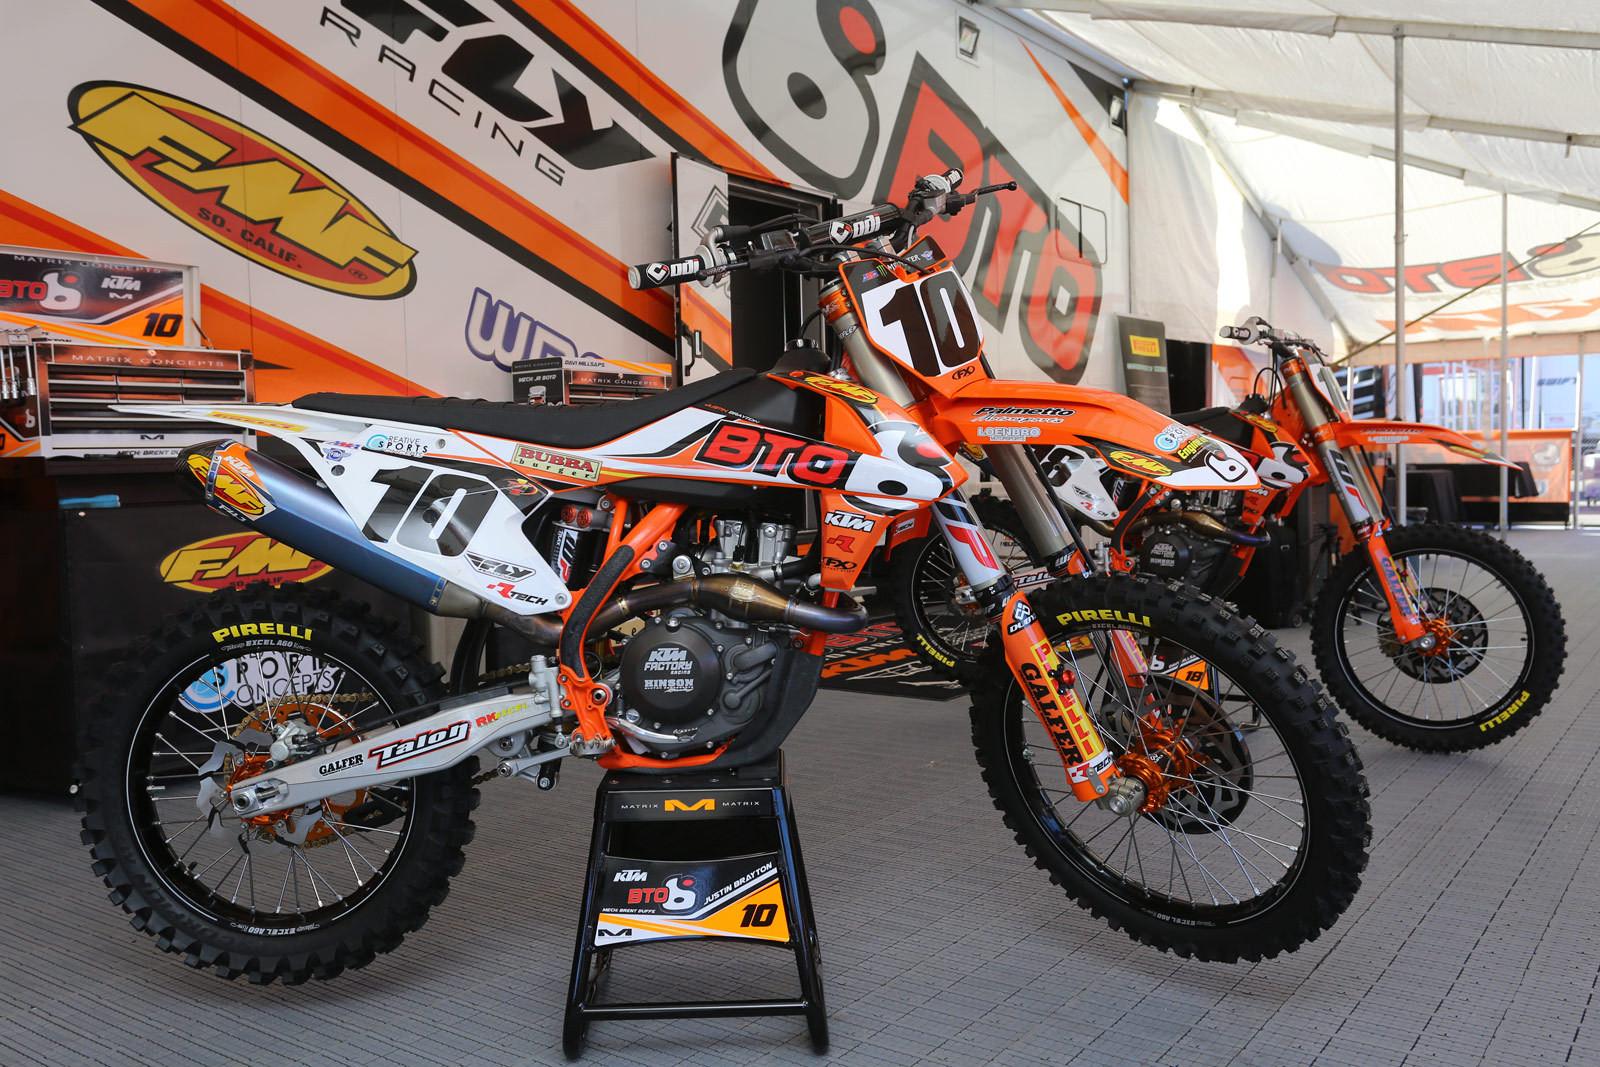 Justin Brayton - 2016 Bikes of Supercross - Motocross Pictures - Vital MX